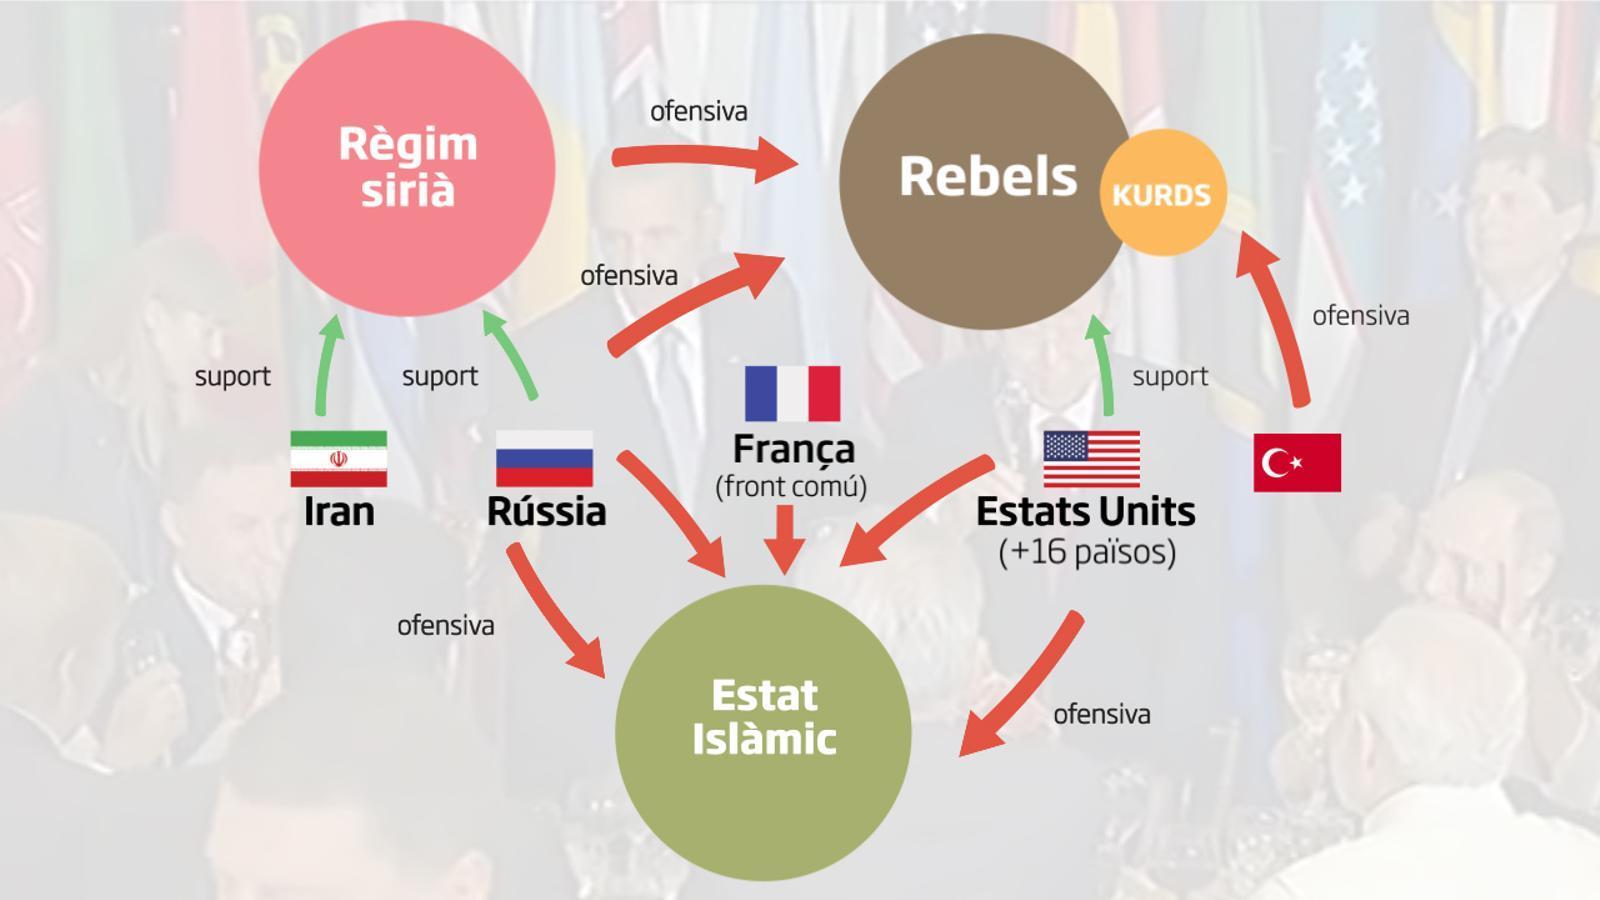 La guerra de Síria explicada en menys de dos minuts